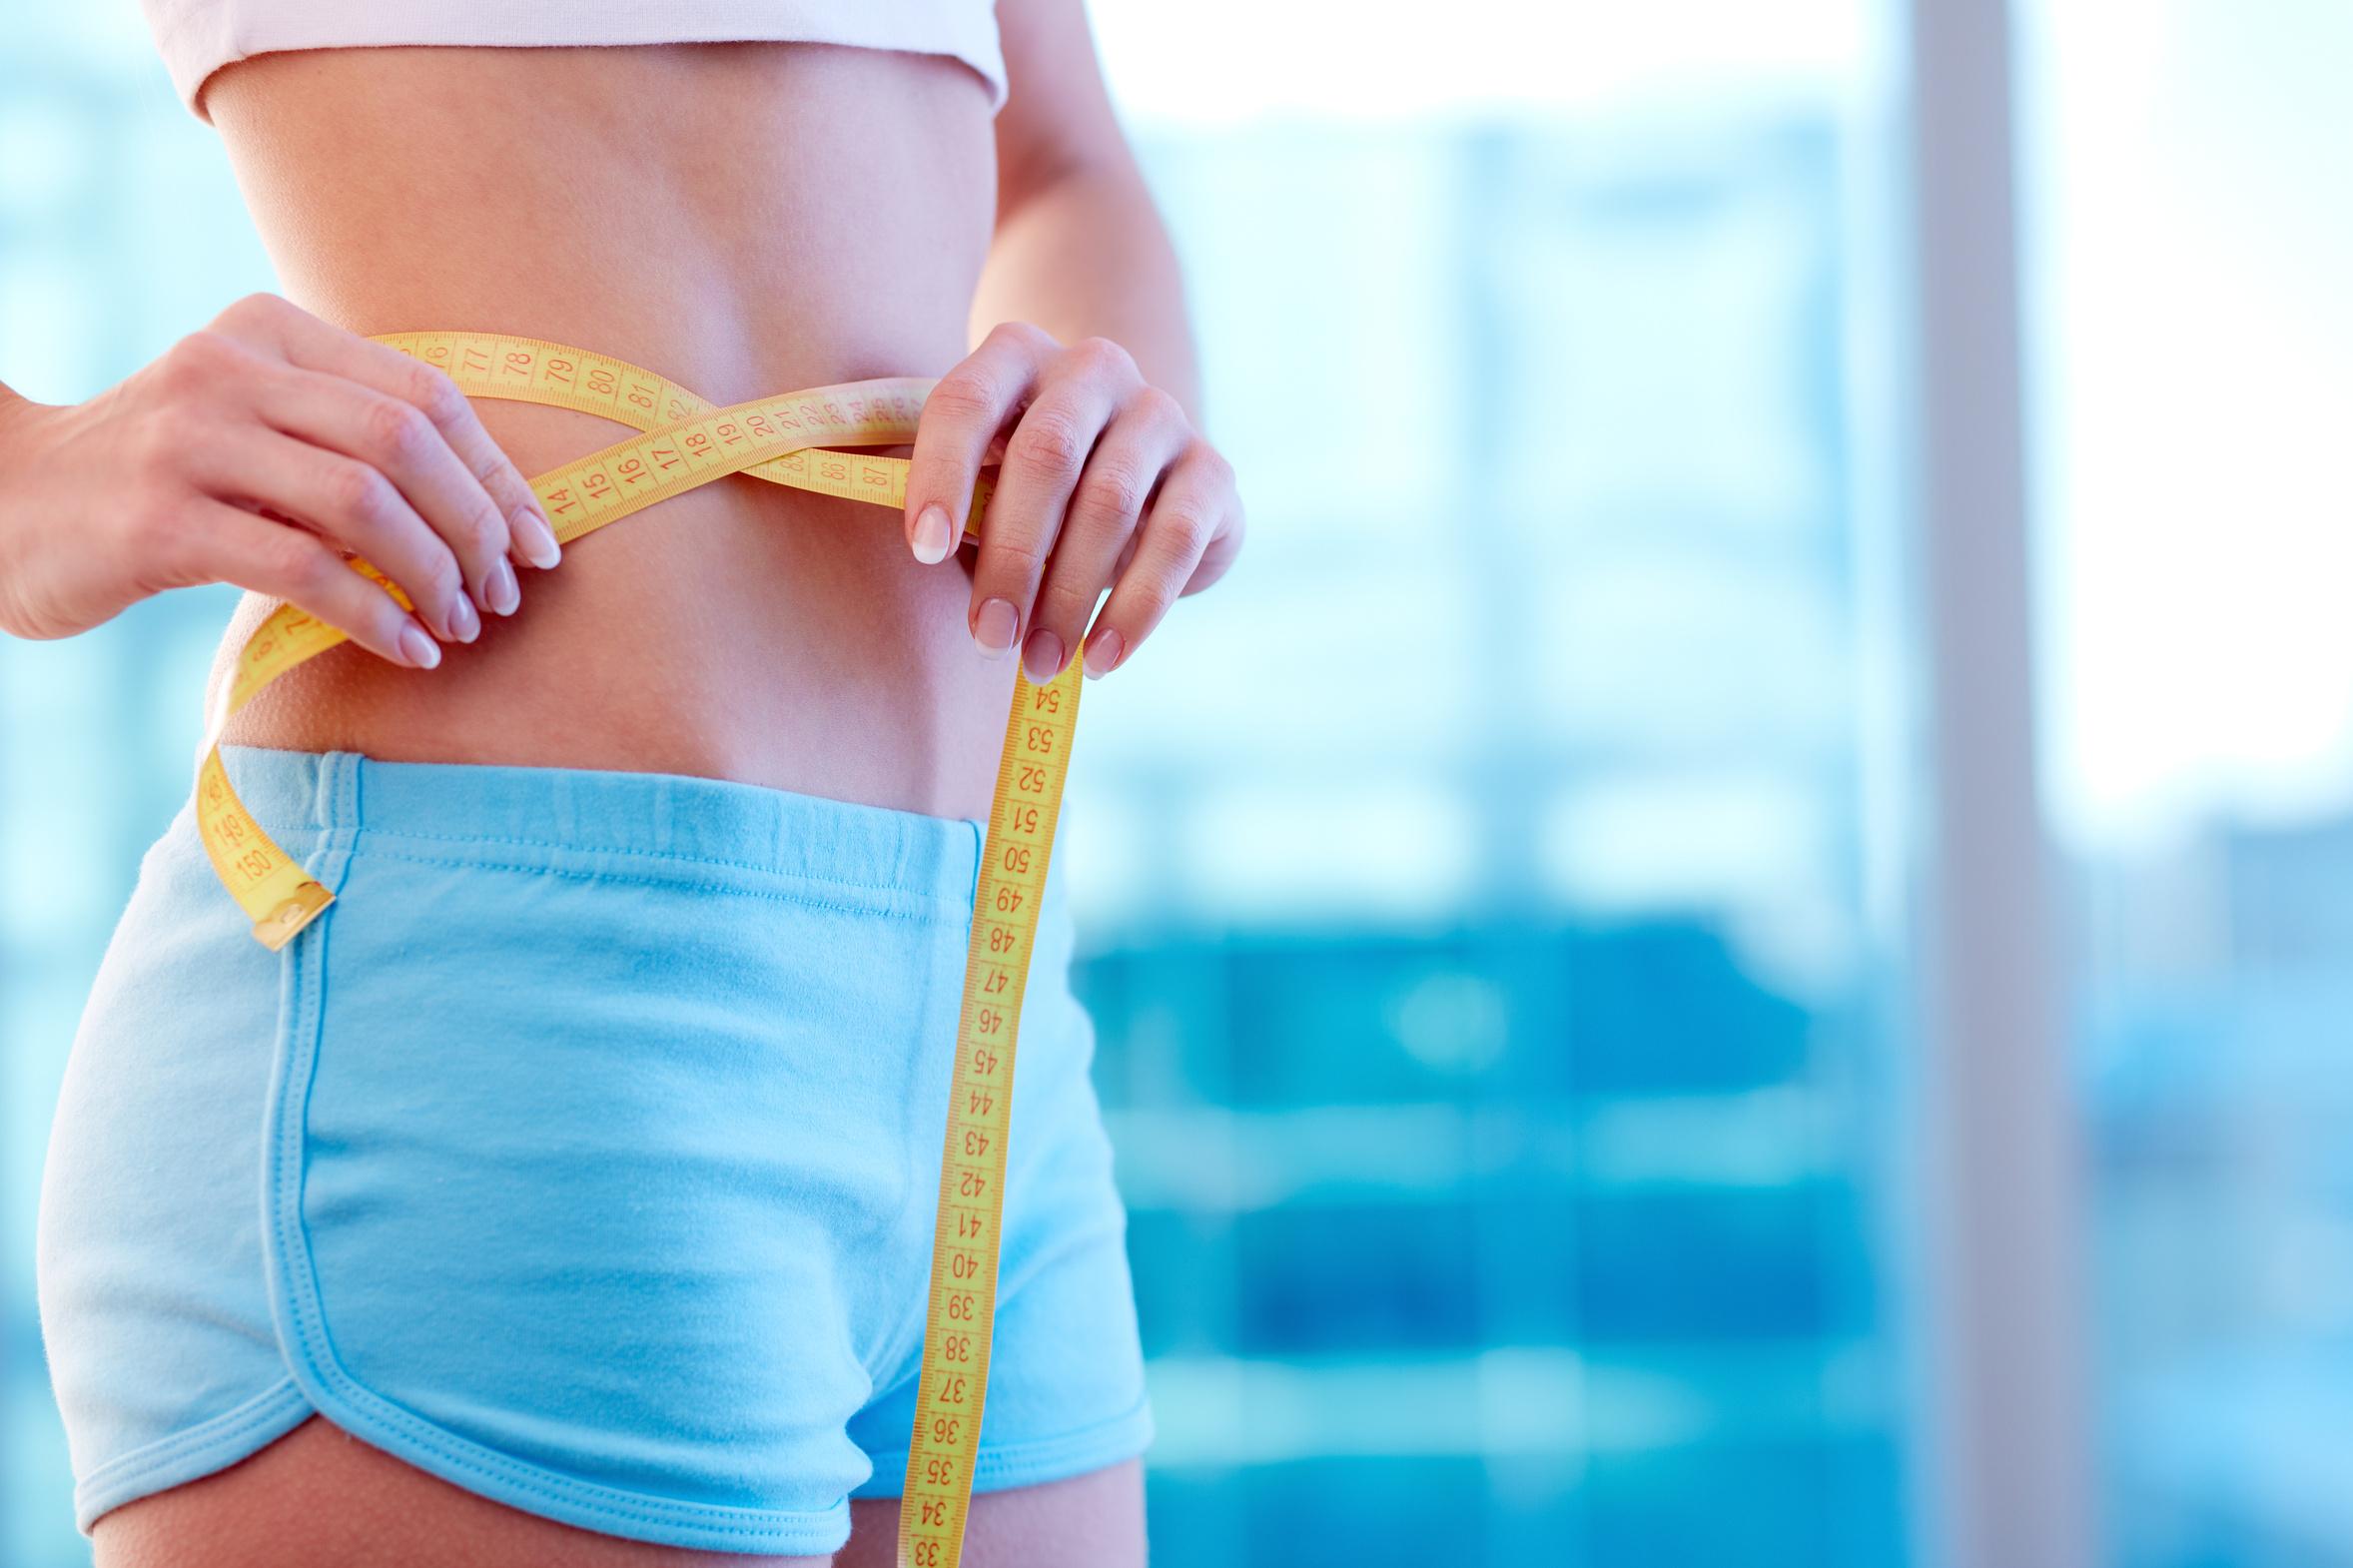 súlycsökkenési átalakulások 40 felett fogyjon ayds segtsgvel